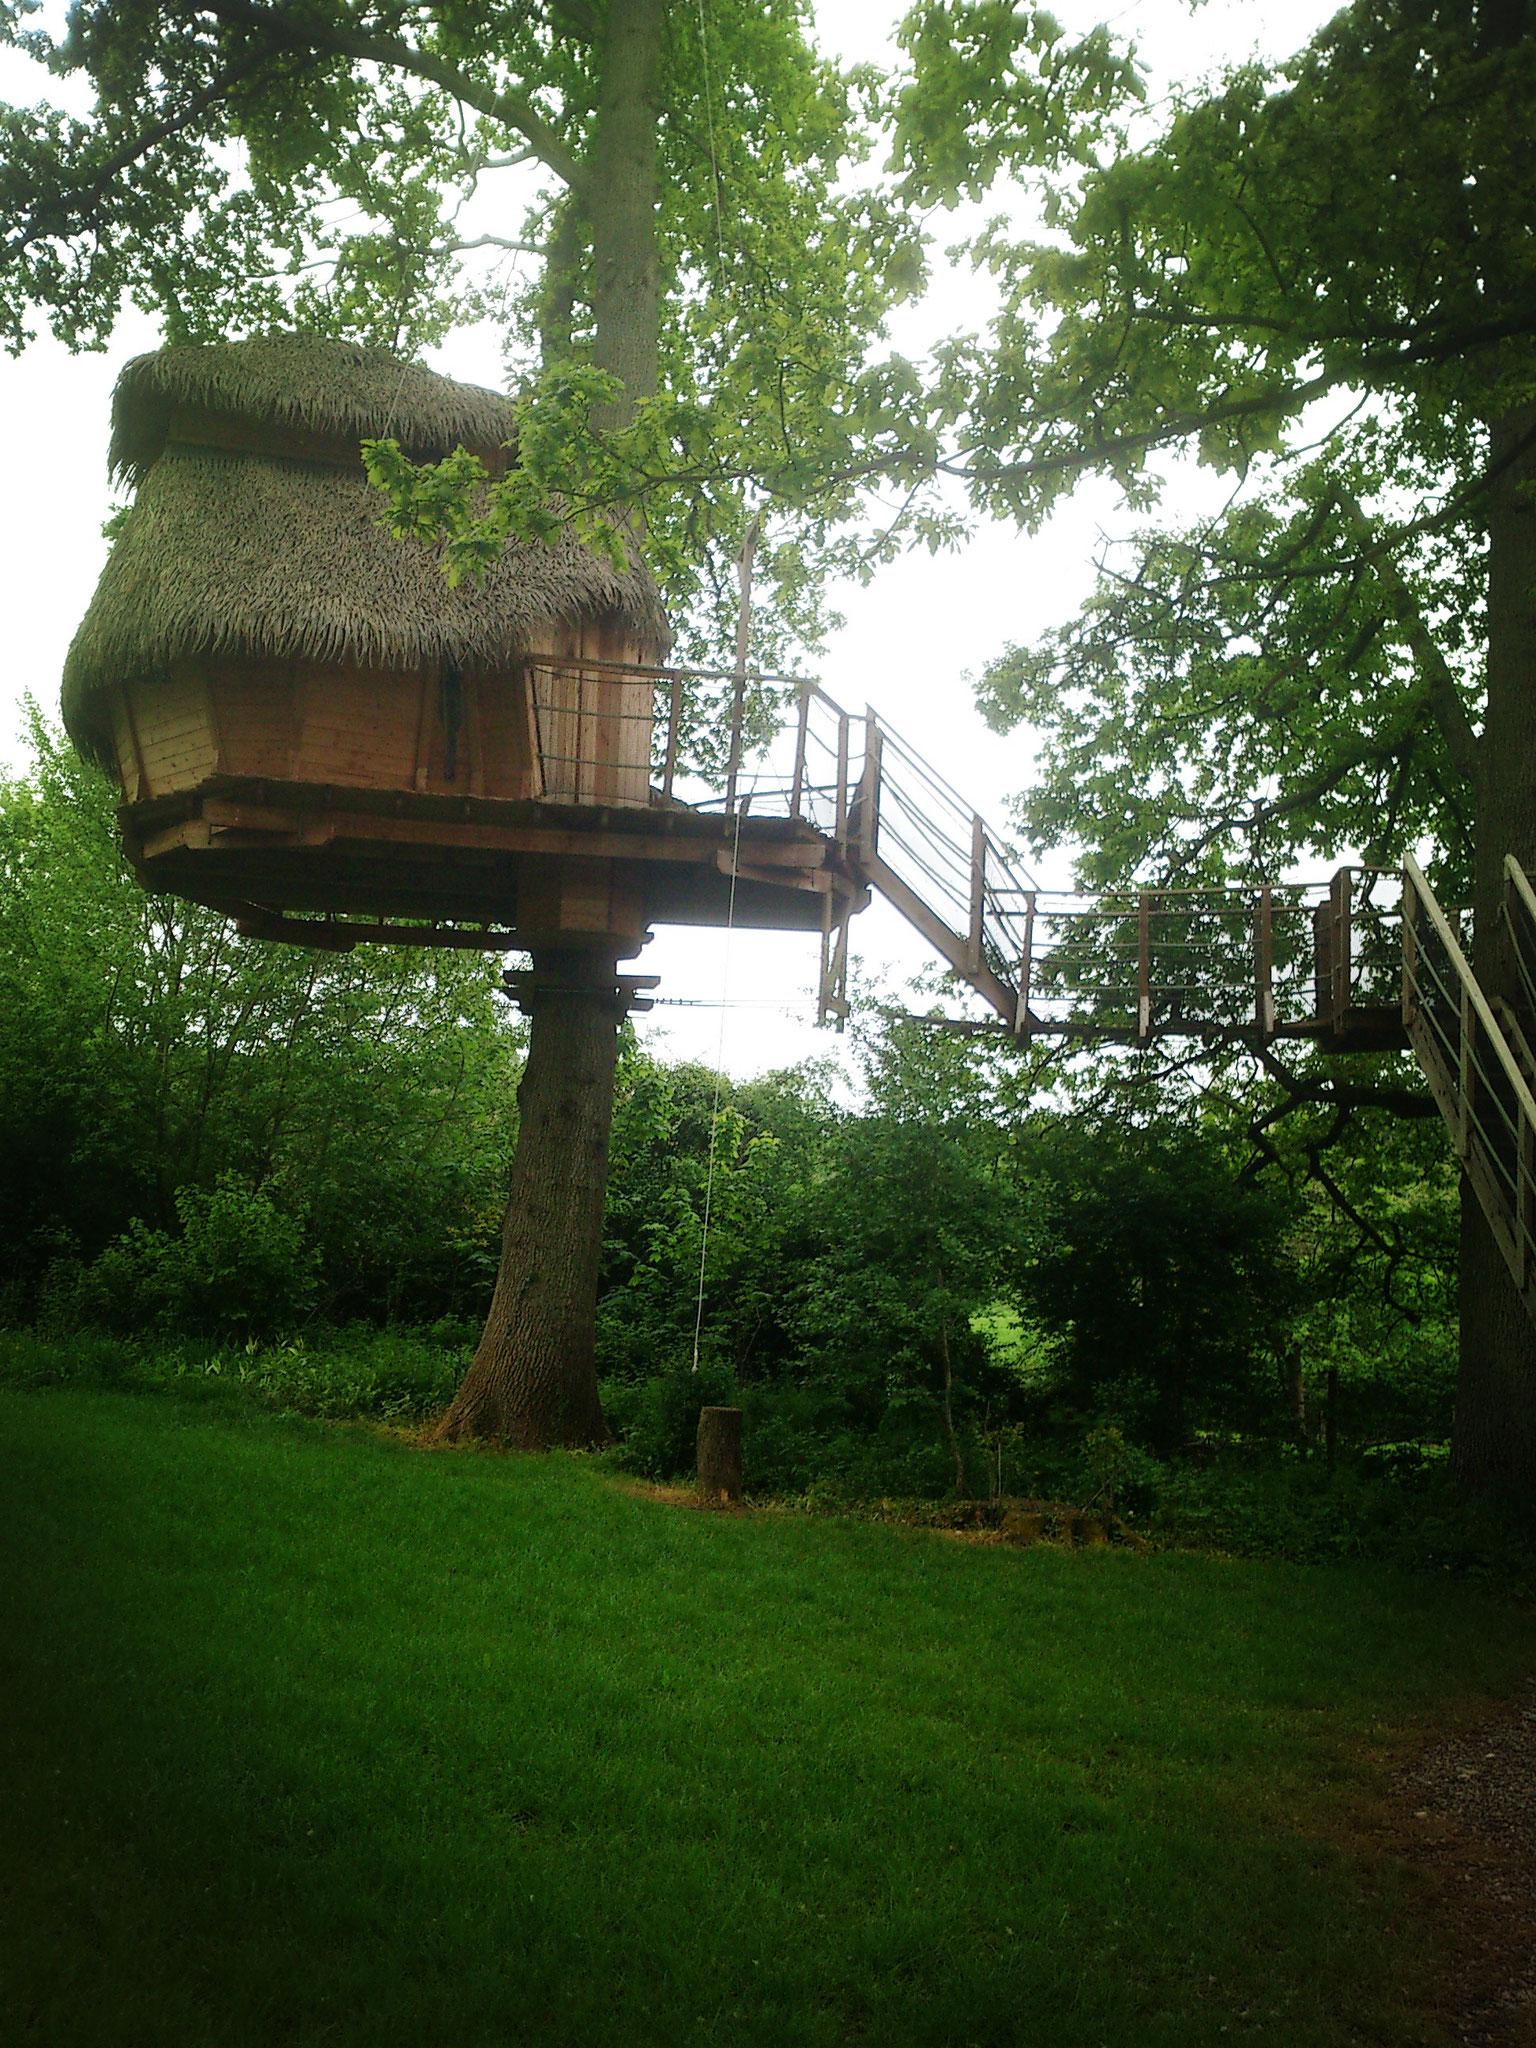 Réserver un séjour insolite dans la cabane familiale 5 personnes en Baie de Somme